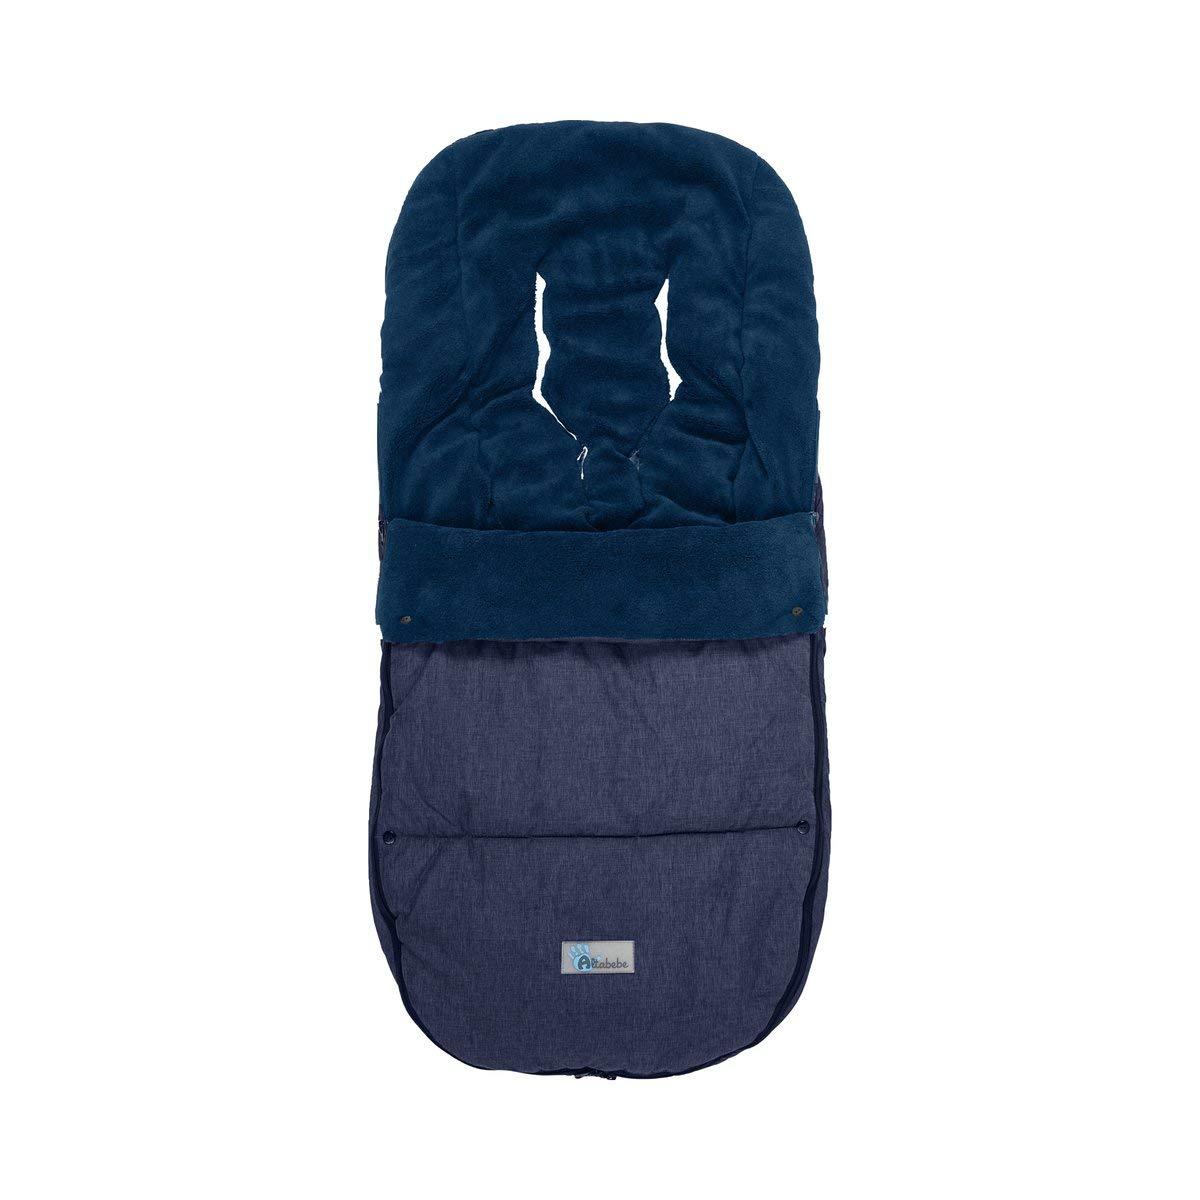 Altabebe Al2280p 49 Winterfußsack Travel Geeignet Für Bugaboo Und Joolz Blau Marine Baby